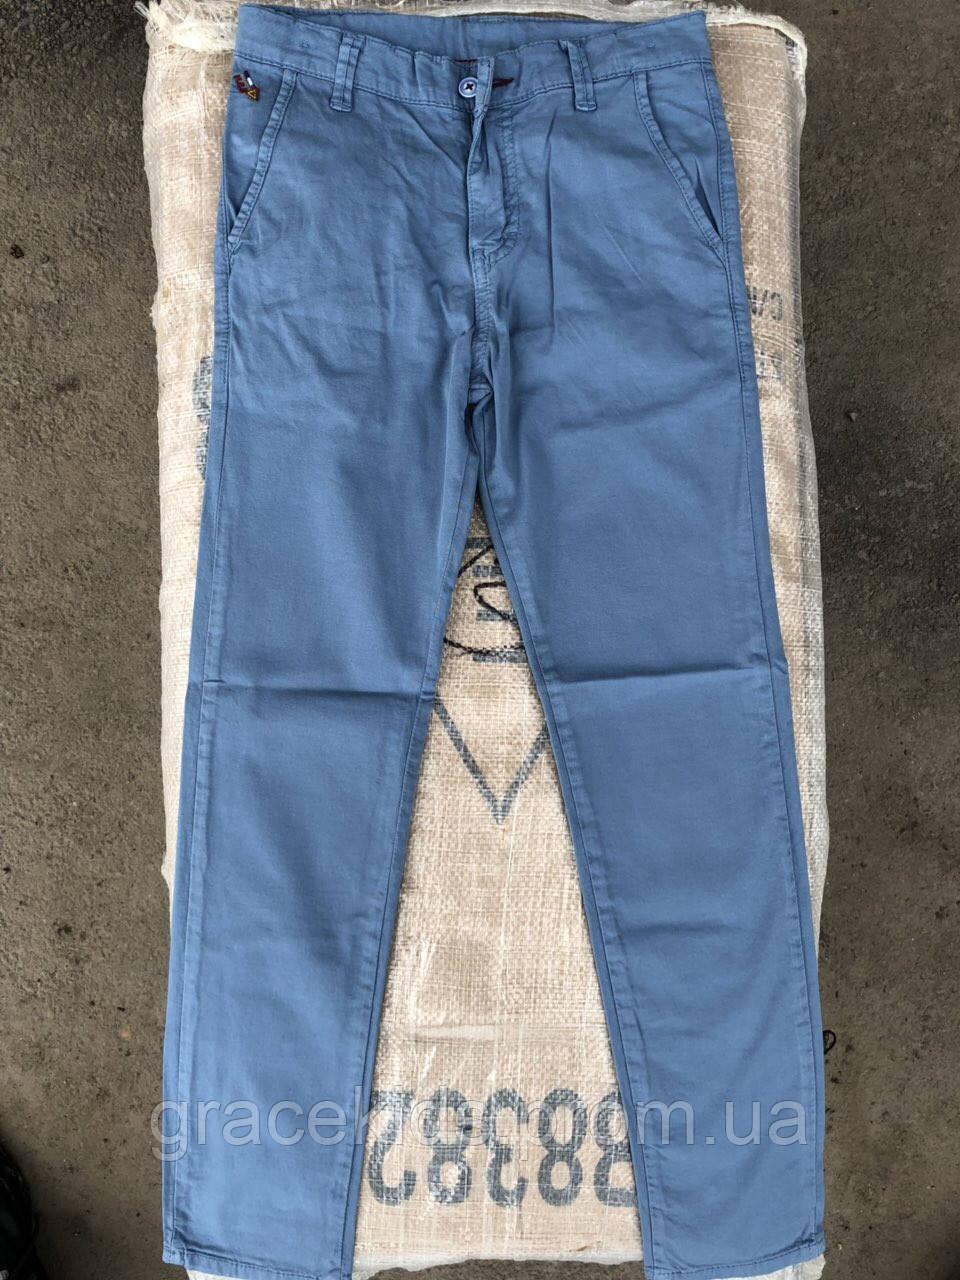 Цветные котоновые штаны оптом для мальчиков Cool Finash.разм 11-15 лет